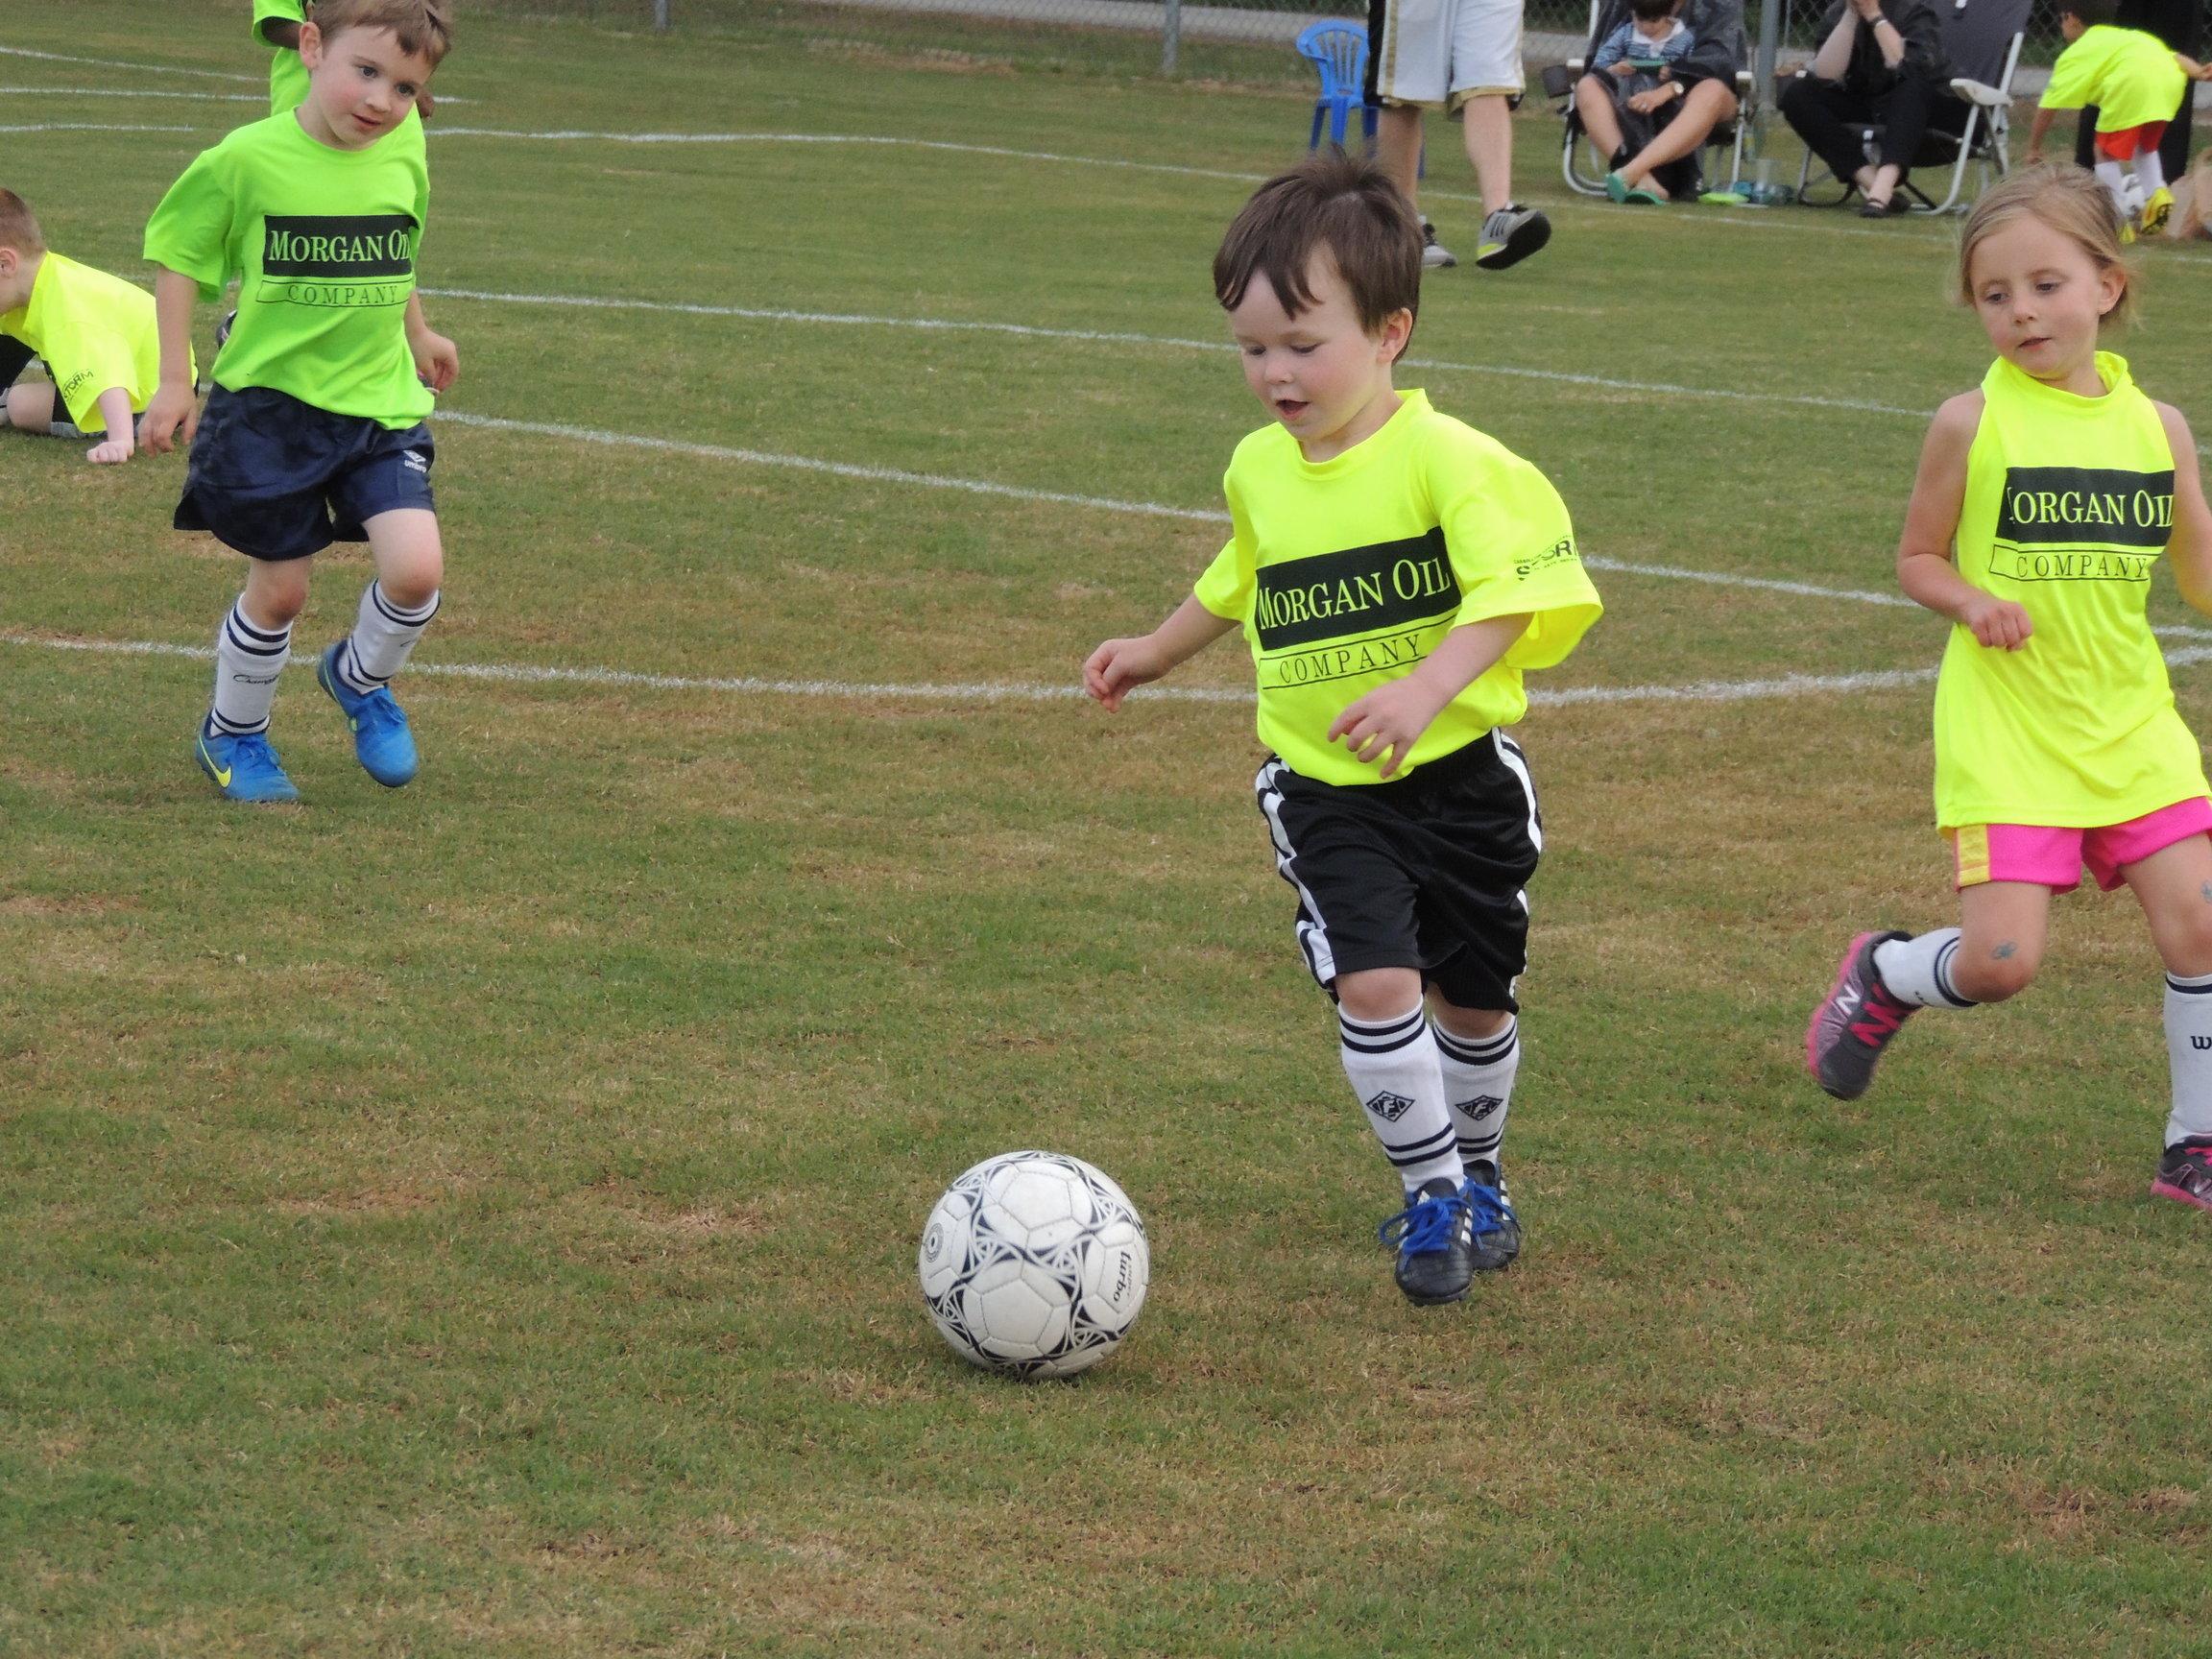 rsz_soccer1